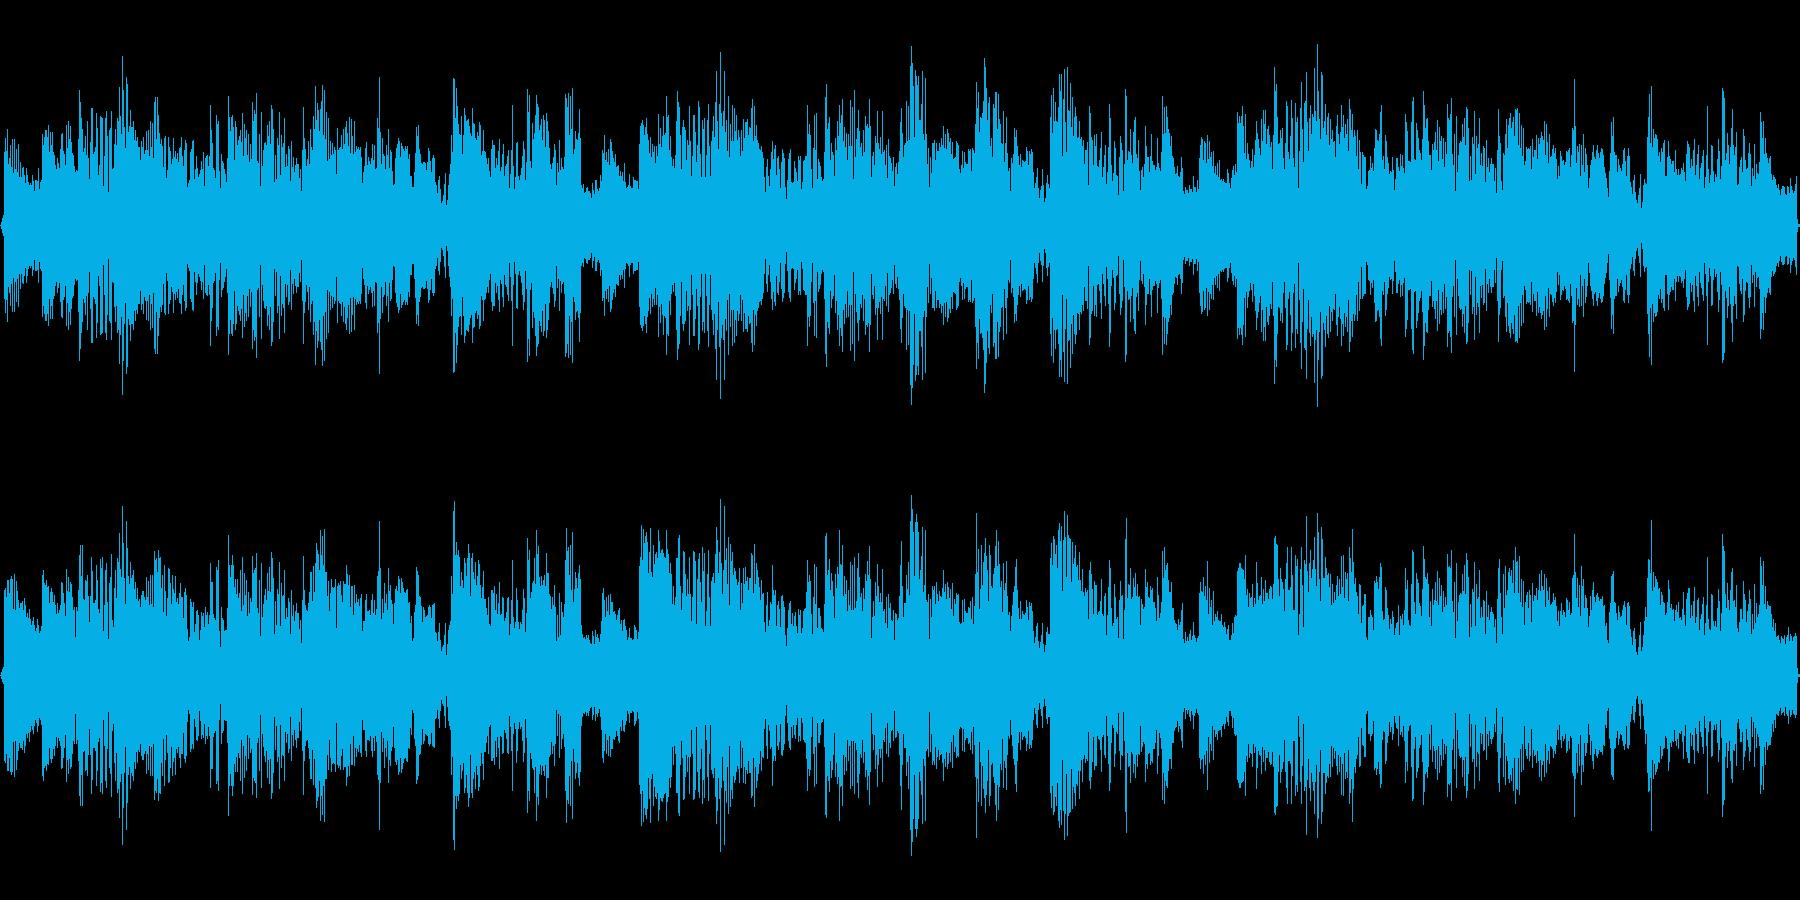 Dubstepの進化形です。の再生済みの波形